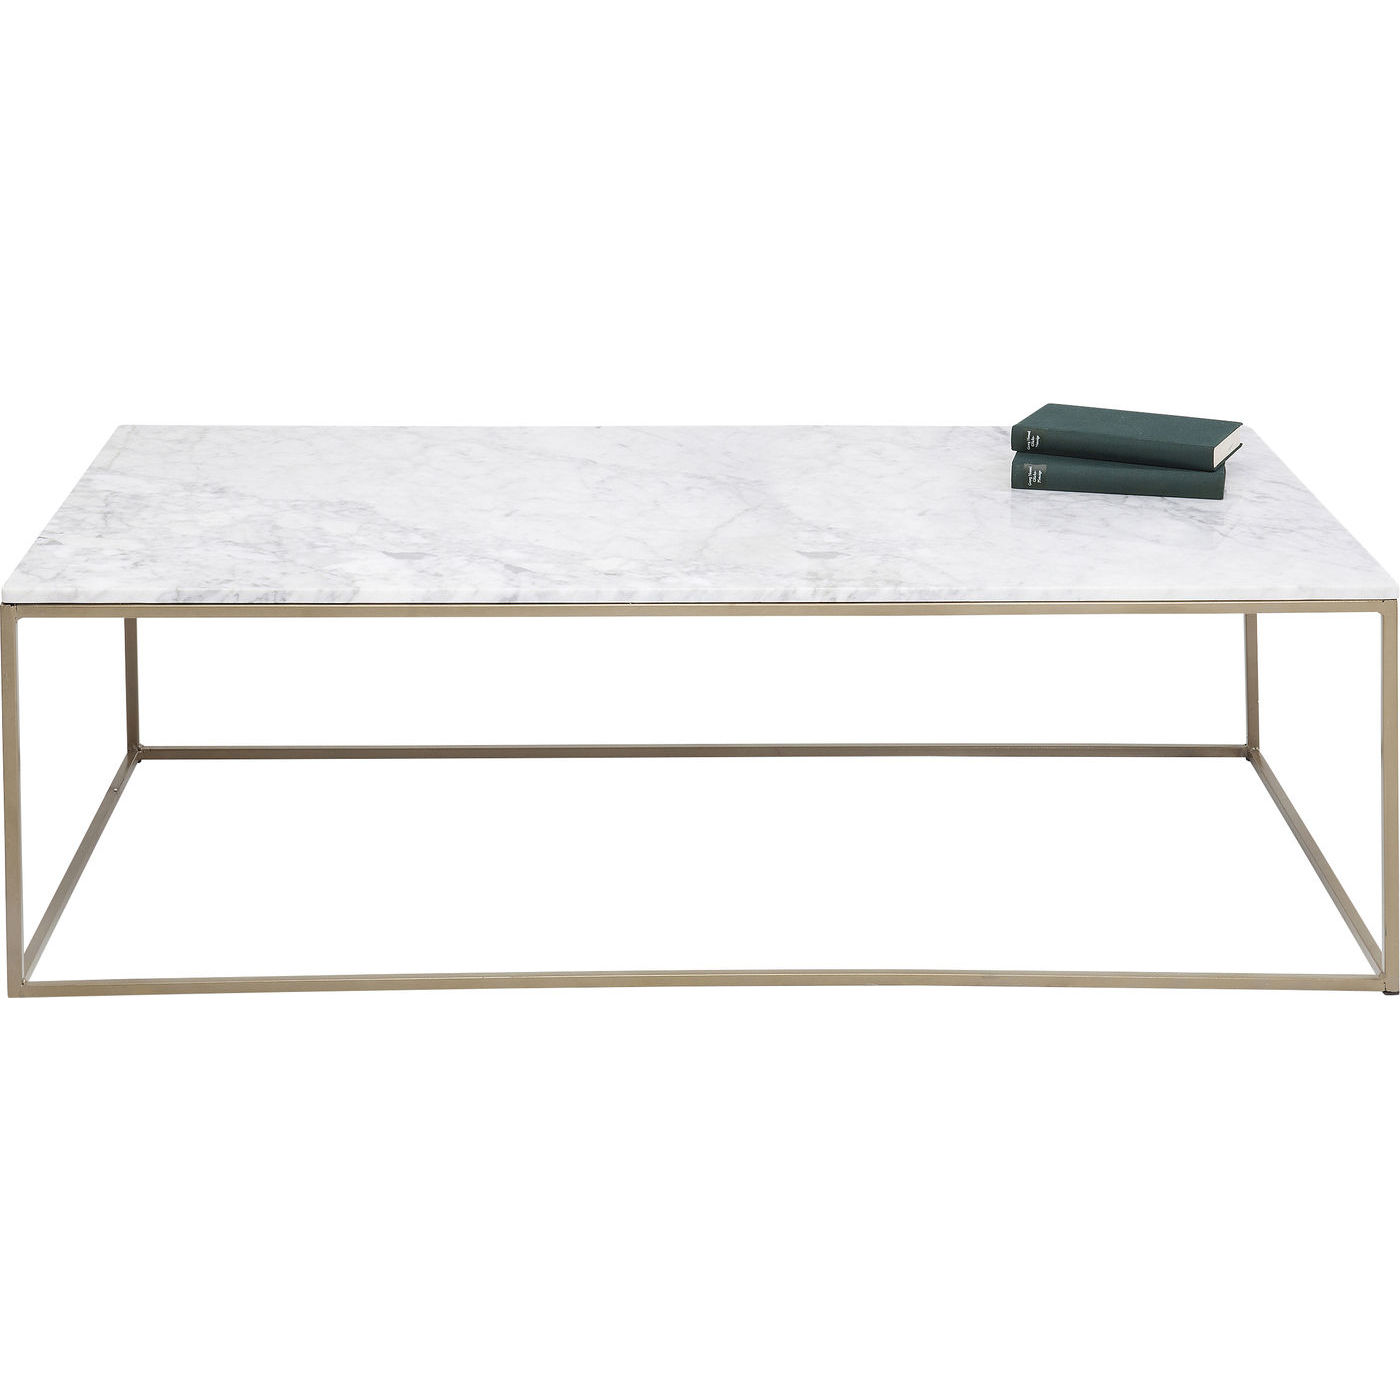 Kare design key west marble sofabord - hvidt marmor/guld stål (120x60) fra kare design på boboonline.dk